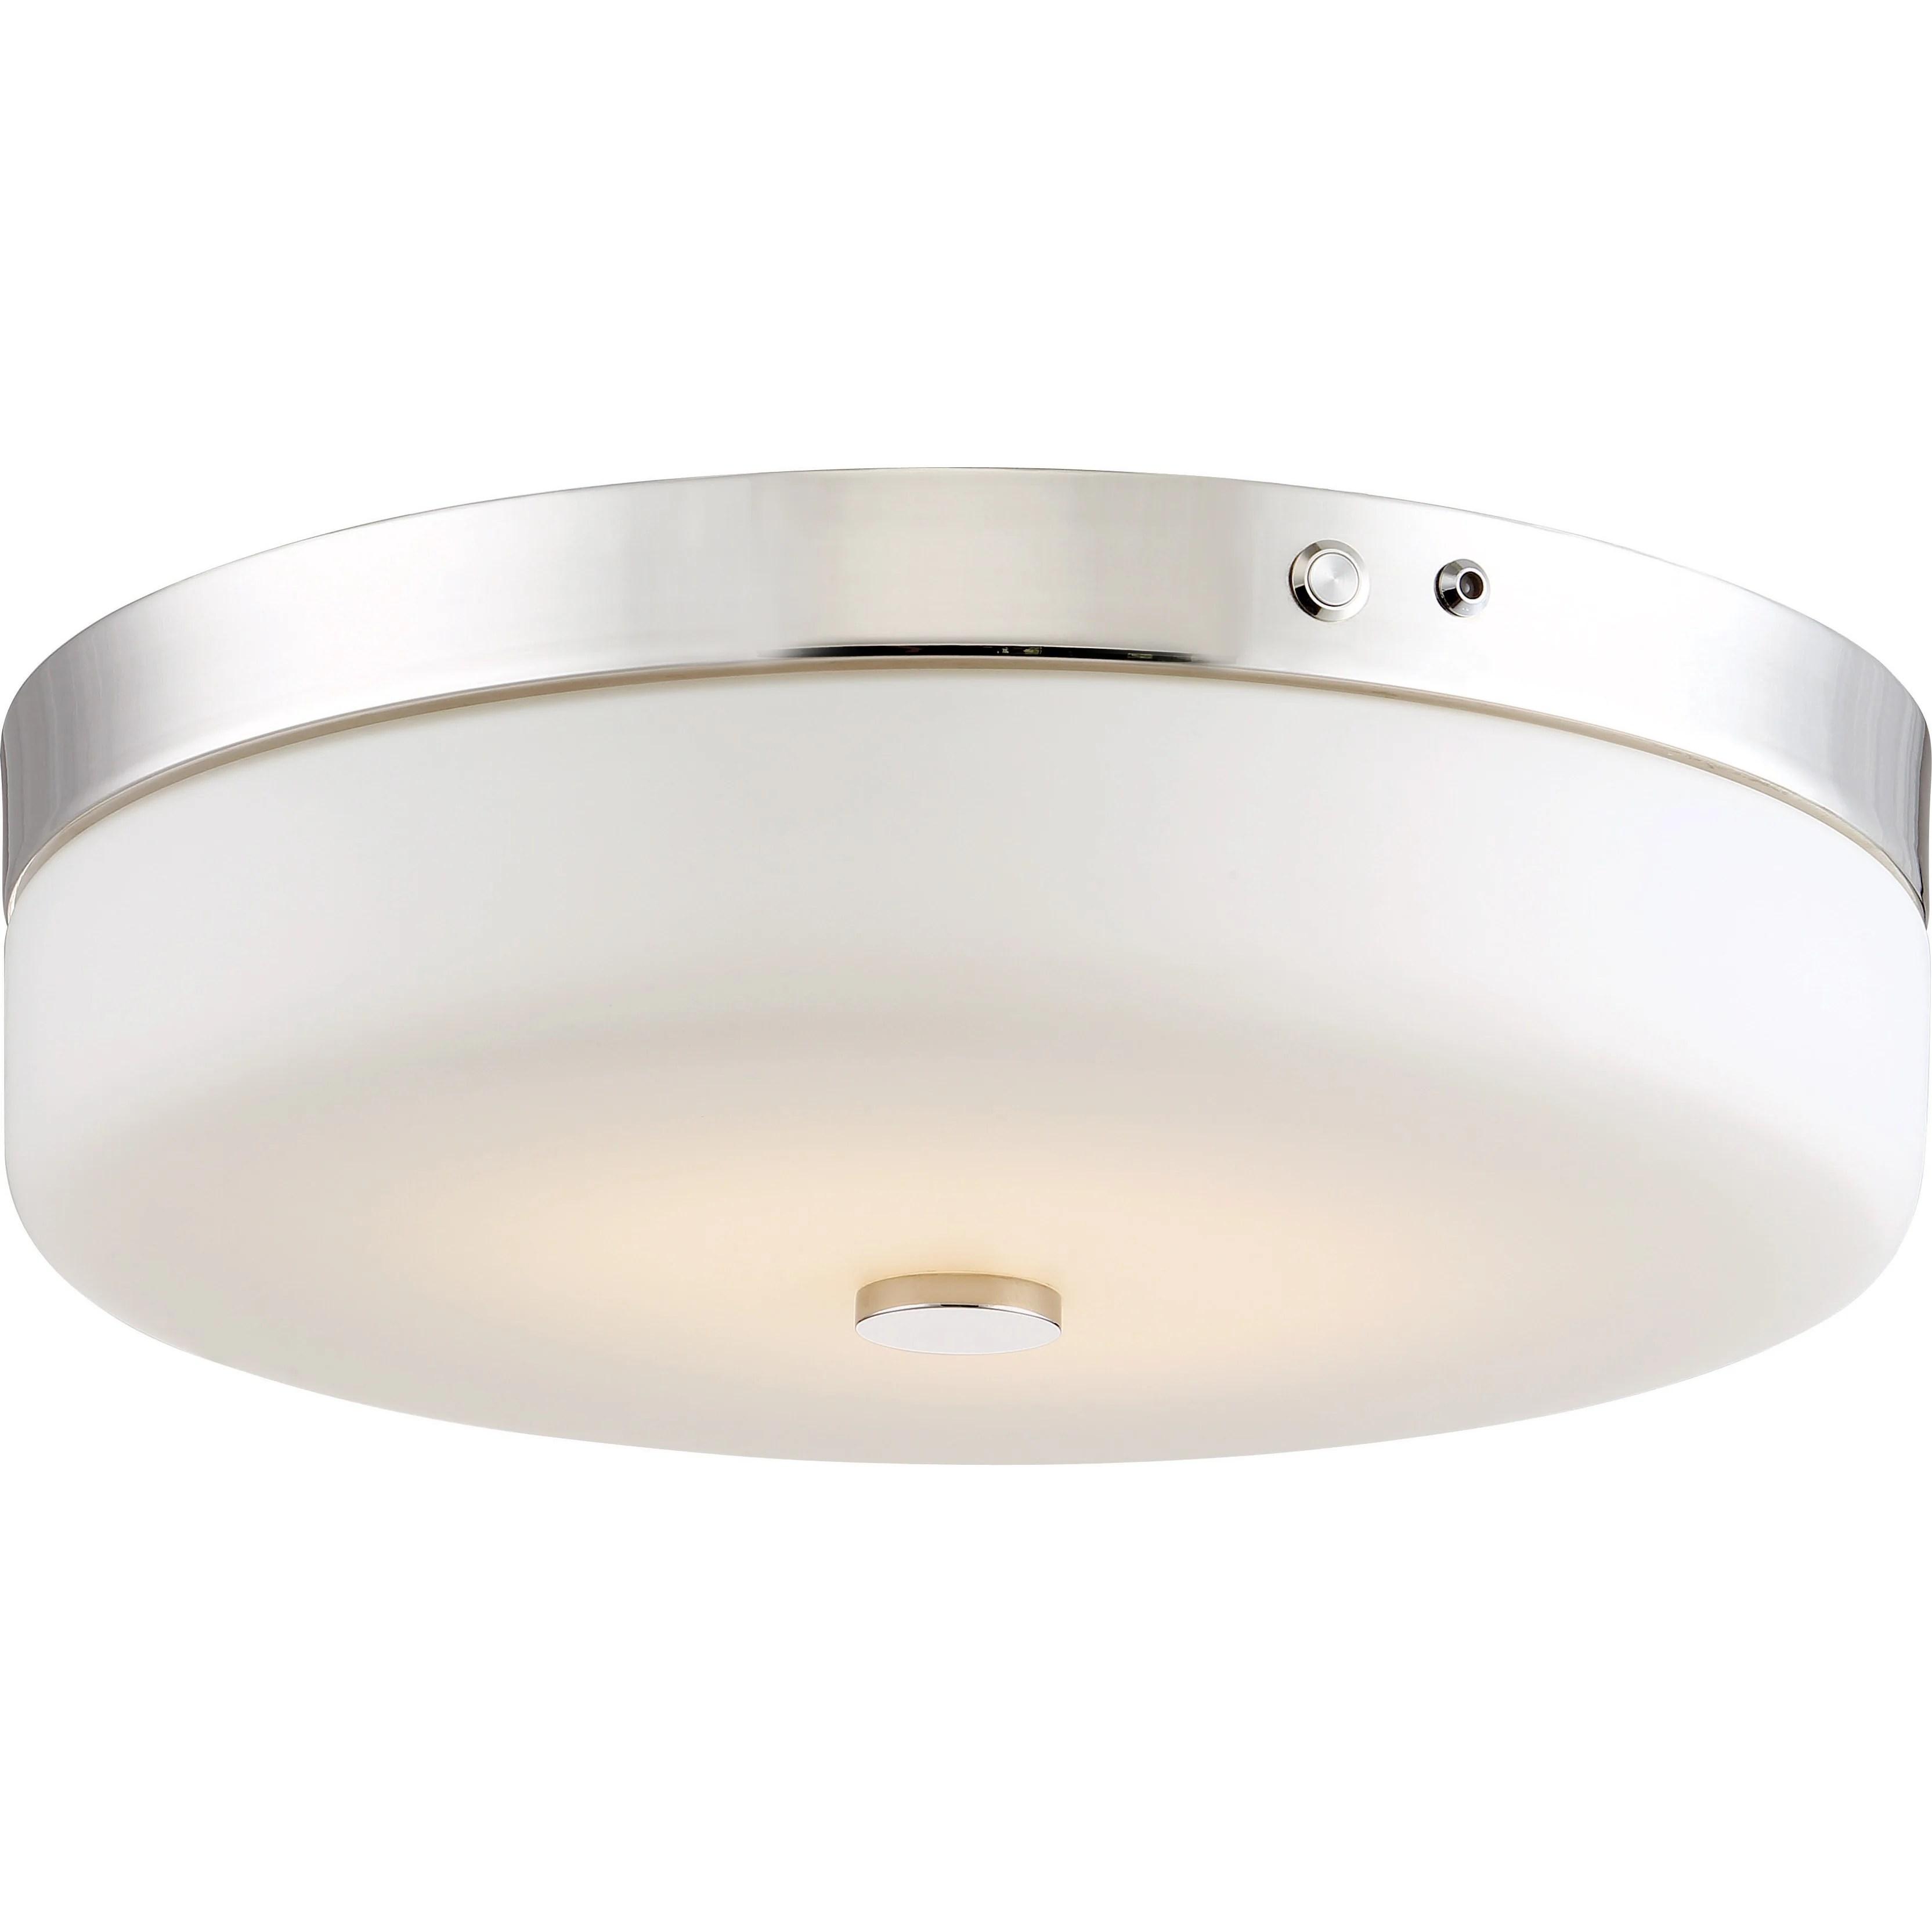 hight resolution of led emergency lighting flush fixture polished nickel finish battery backup ready